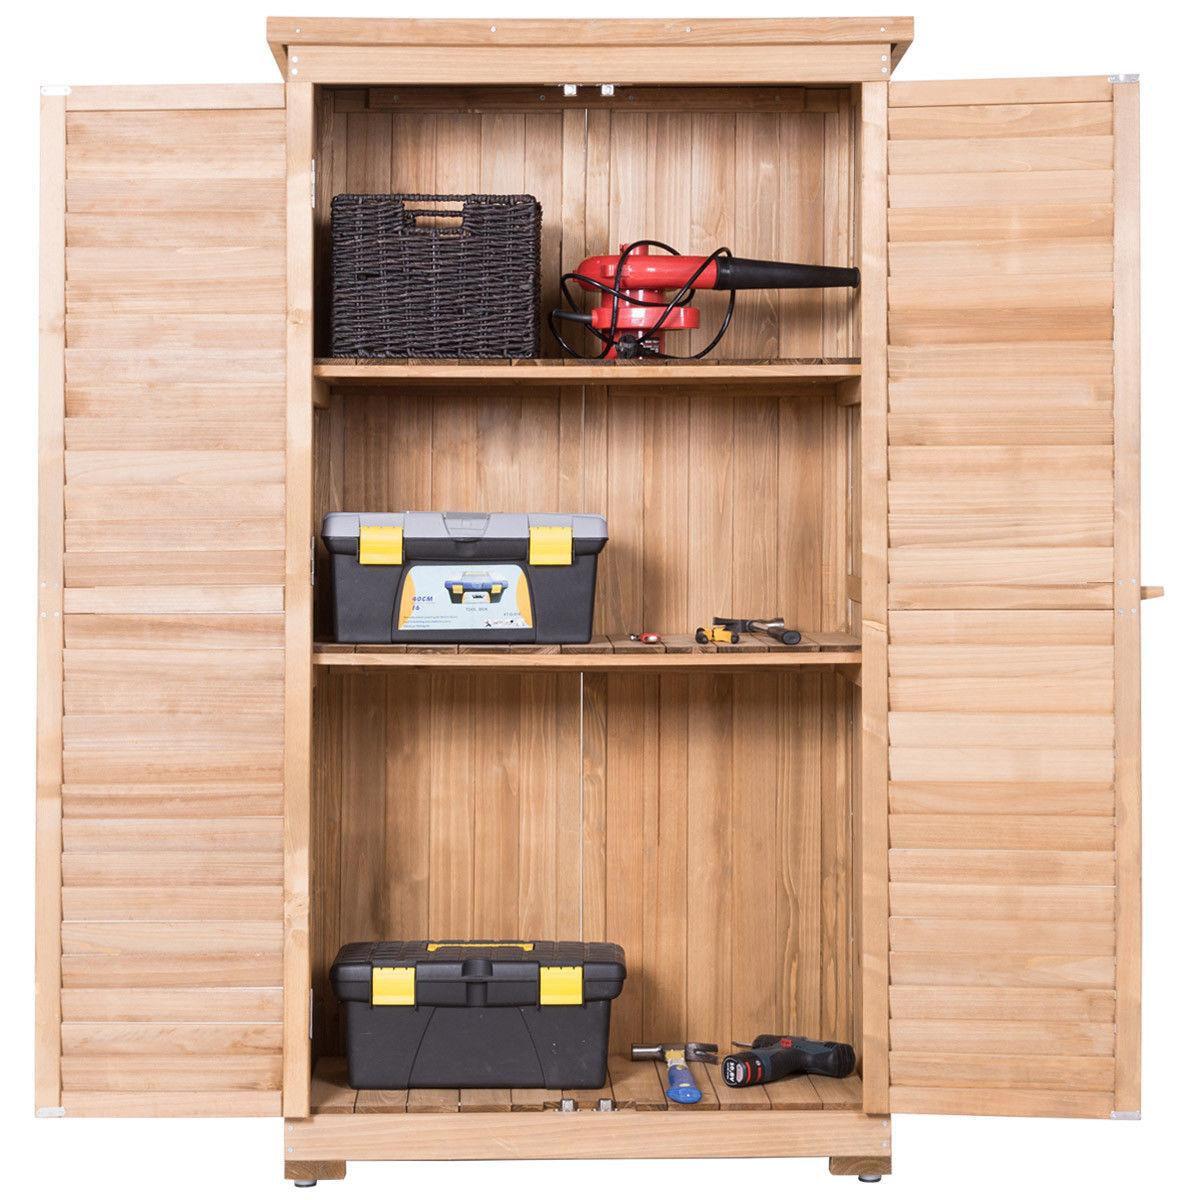 Gymax Outdoor 63'' Tall Wooden Garden Storage Shed Fir Wood Shutter Design Lockers